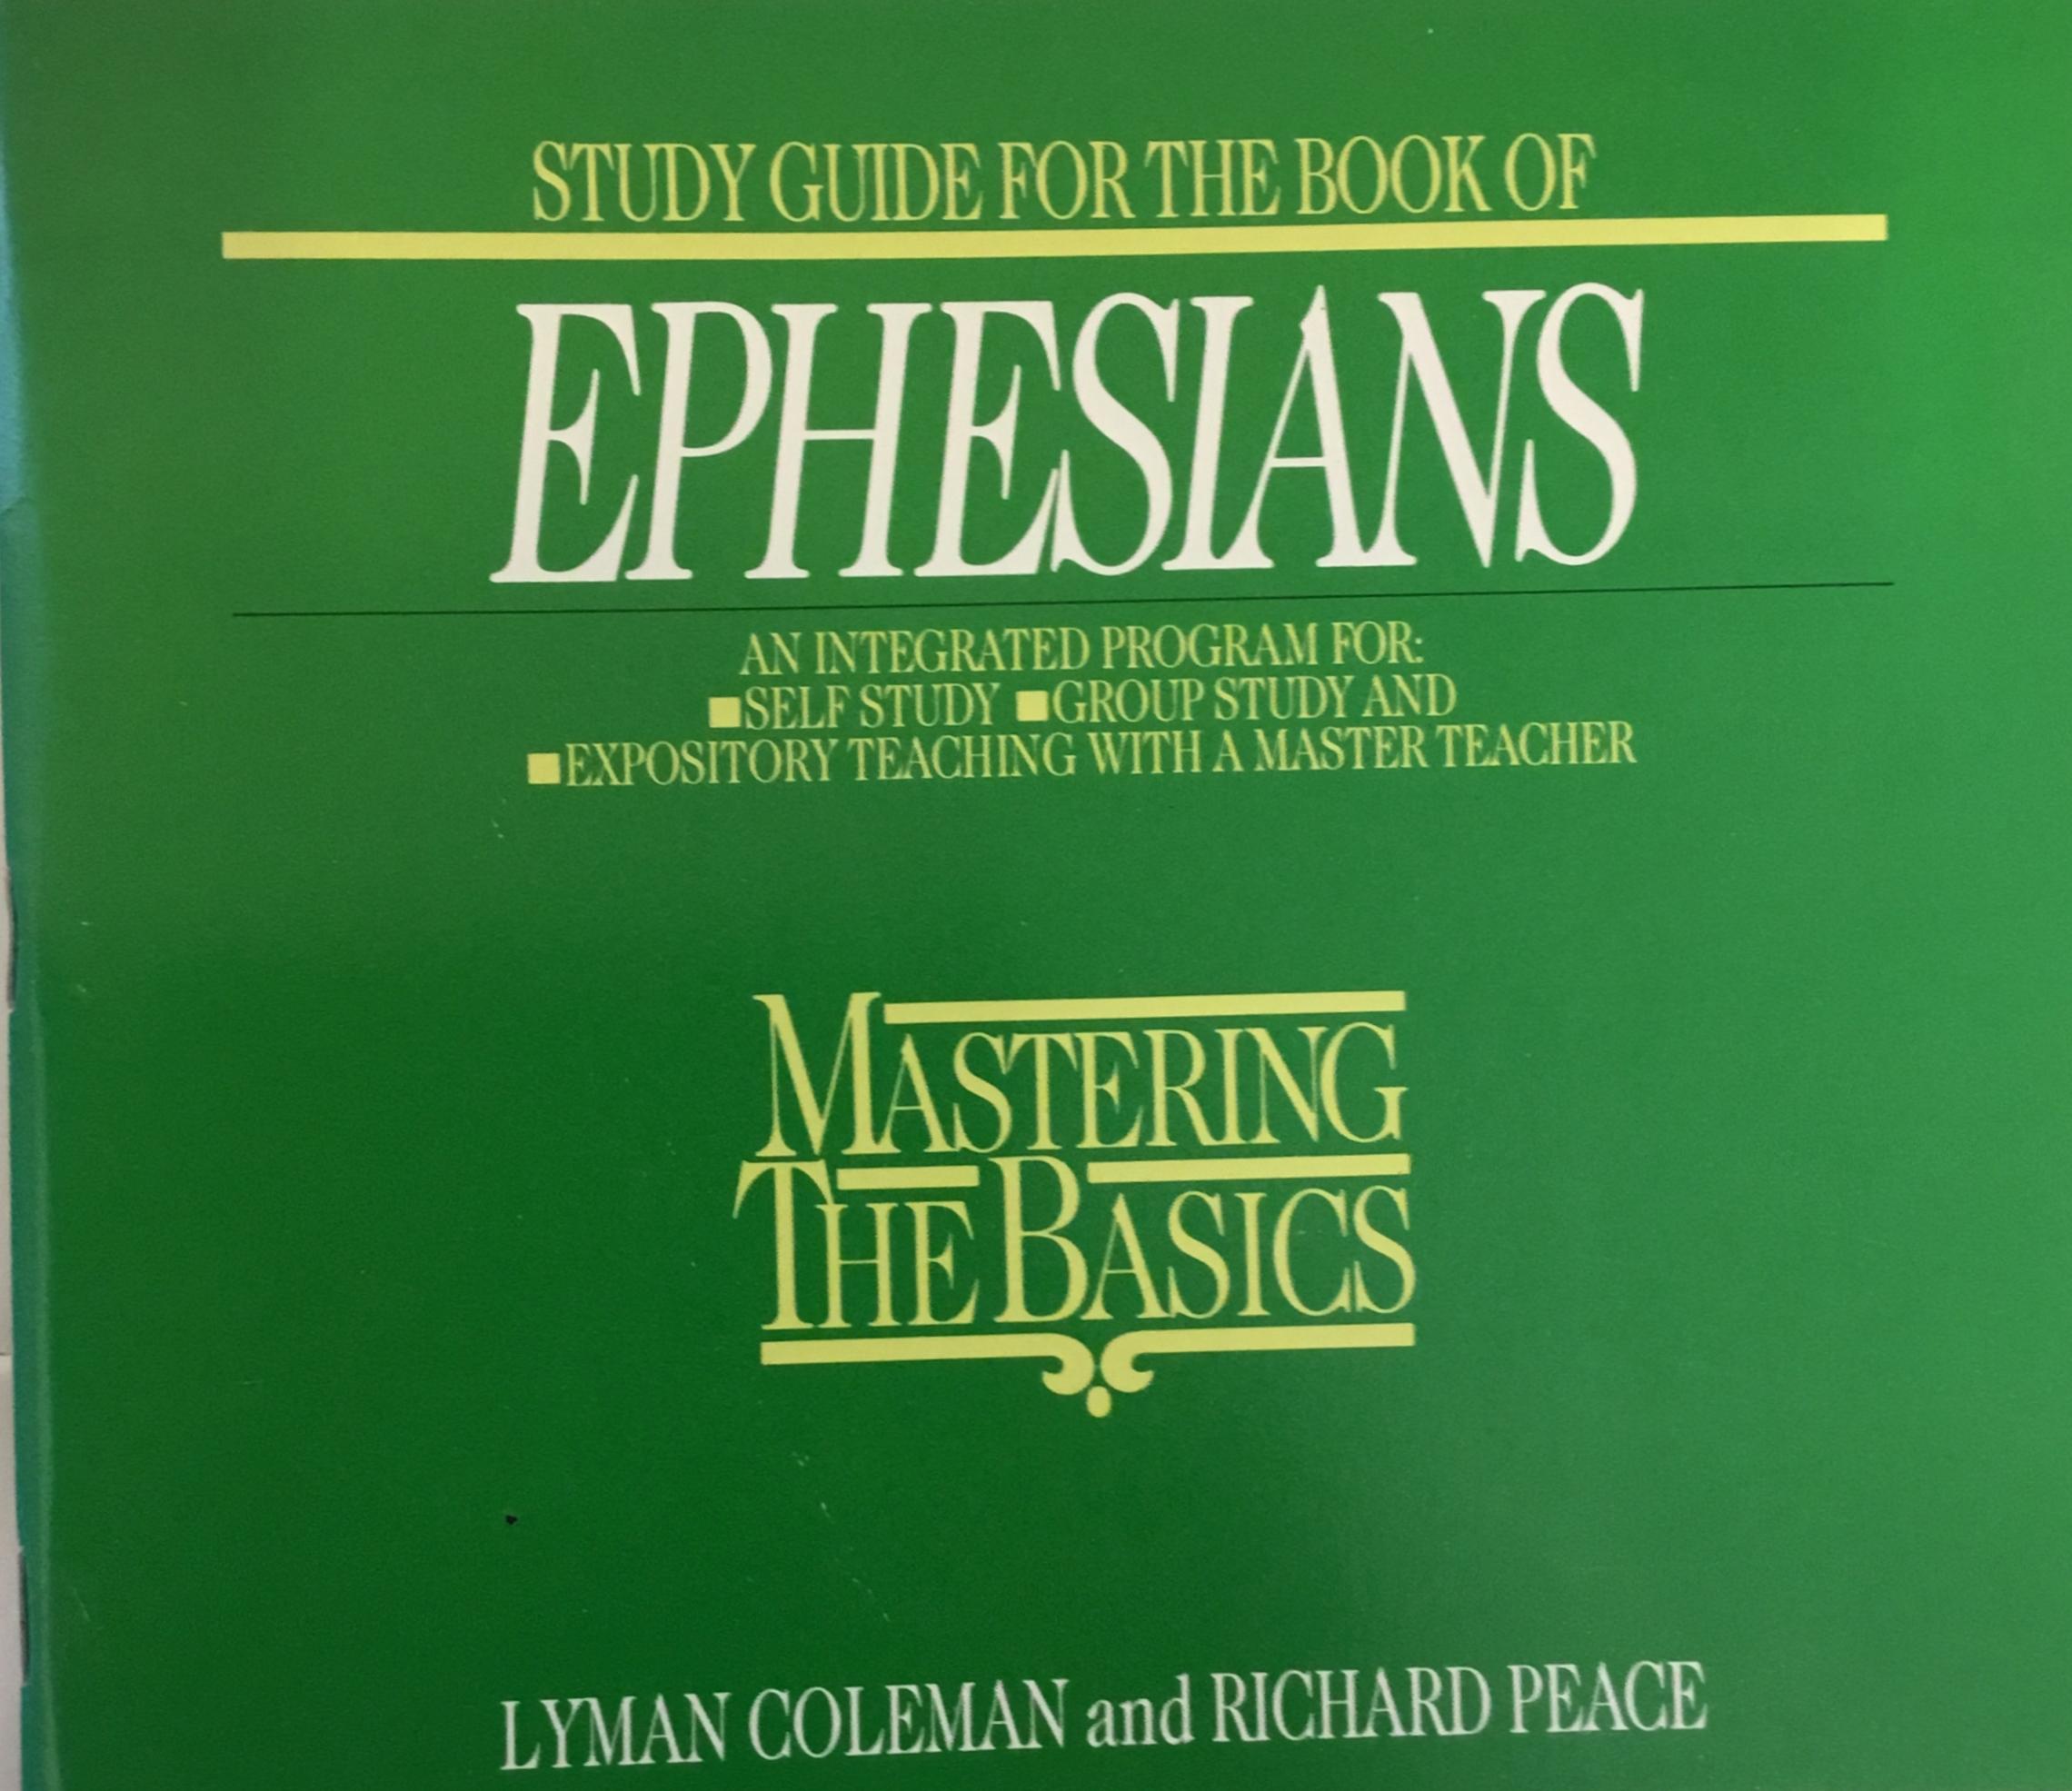 Ephesians: mastering the basics